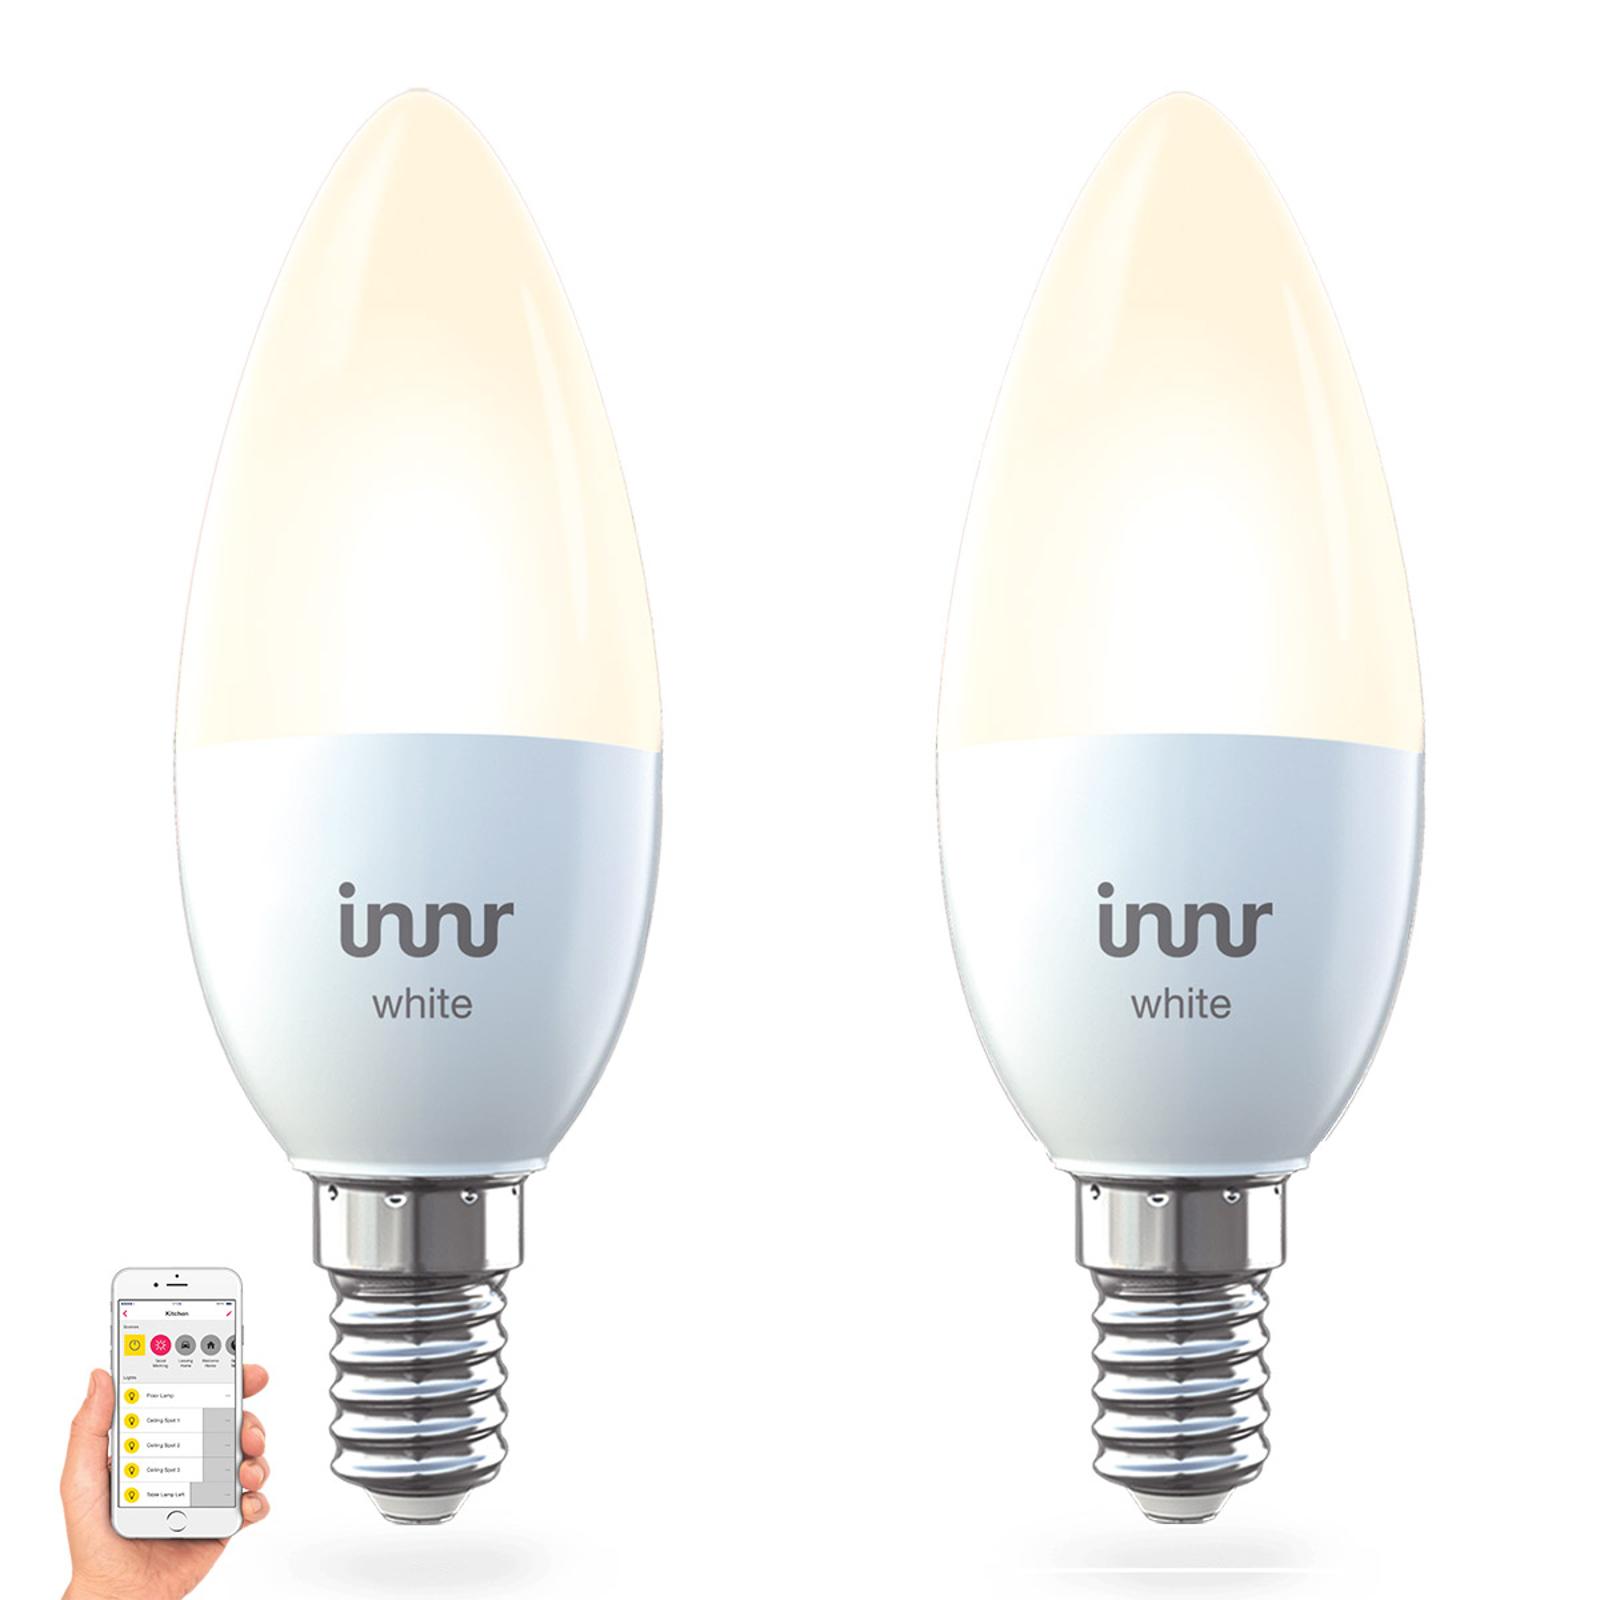 E14 5,3W żarówka LED Innr Smart Candle White 2 szt